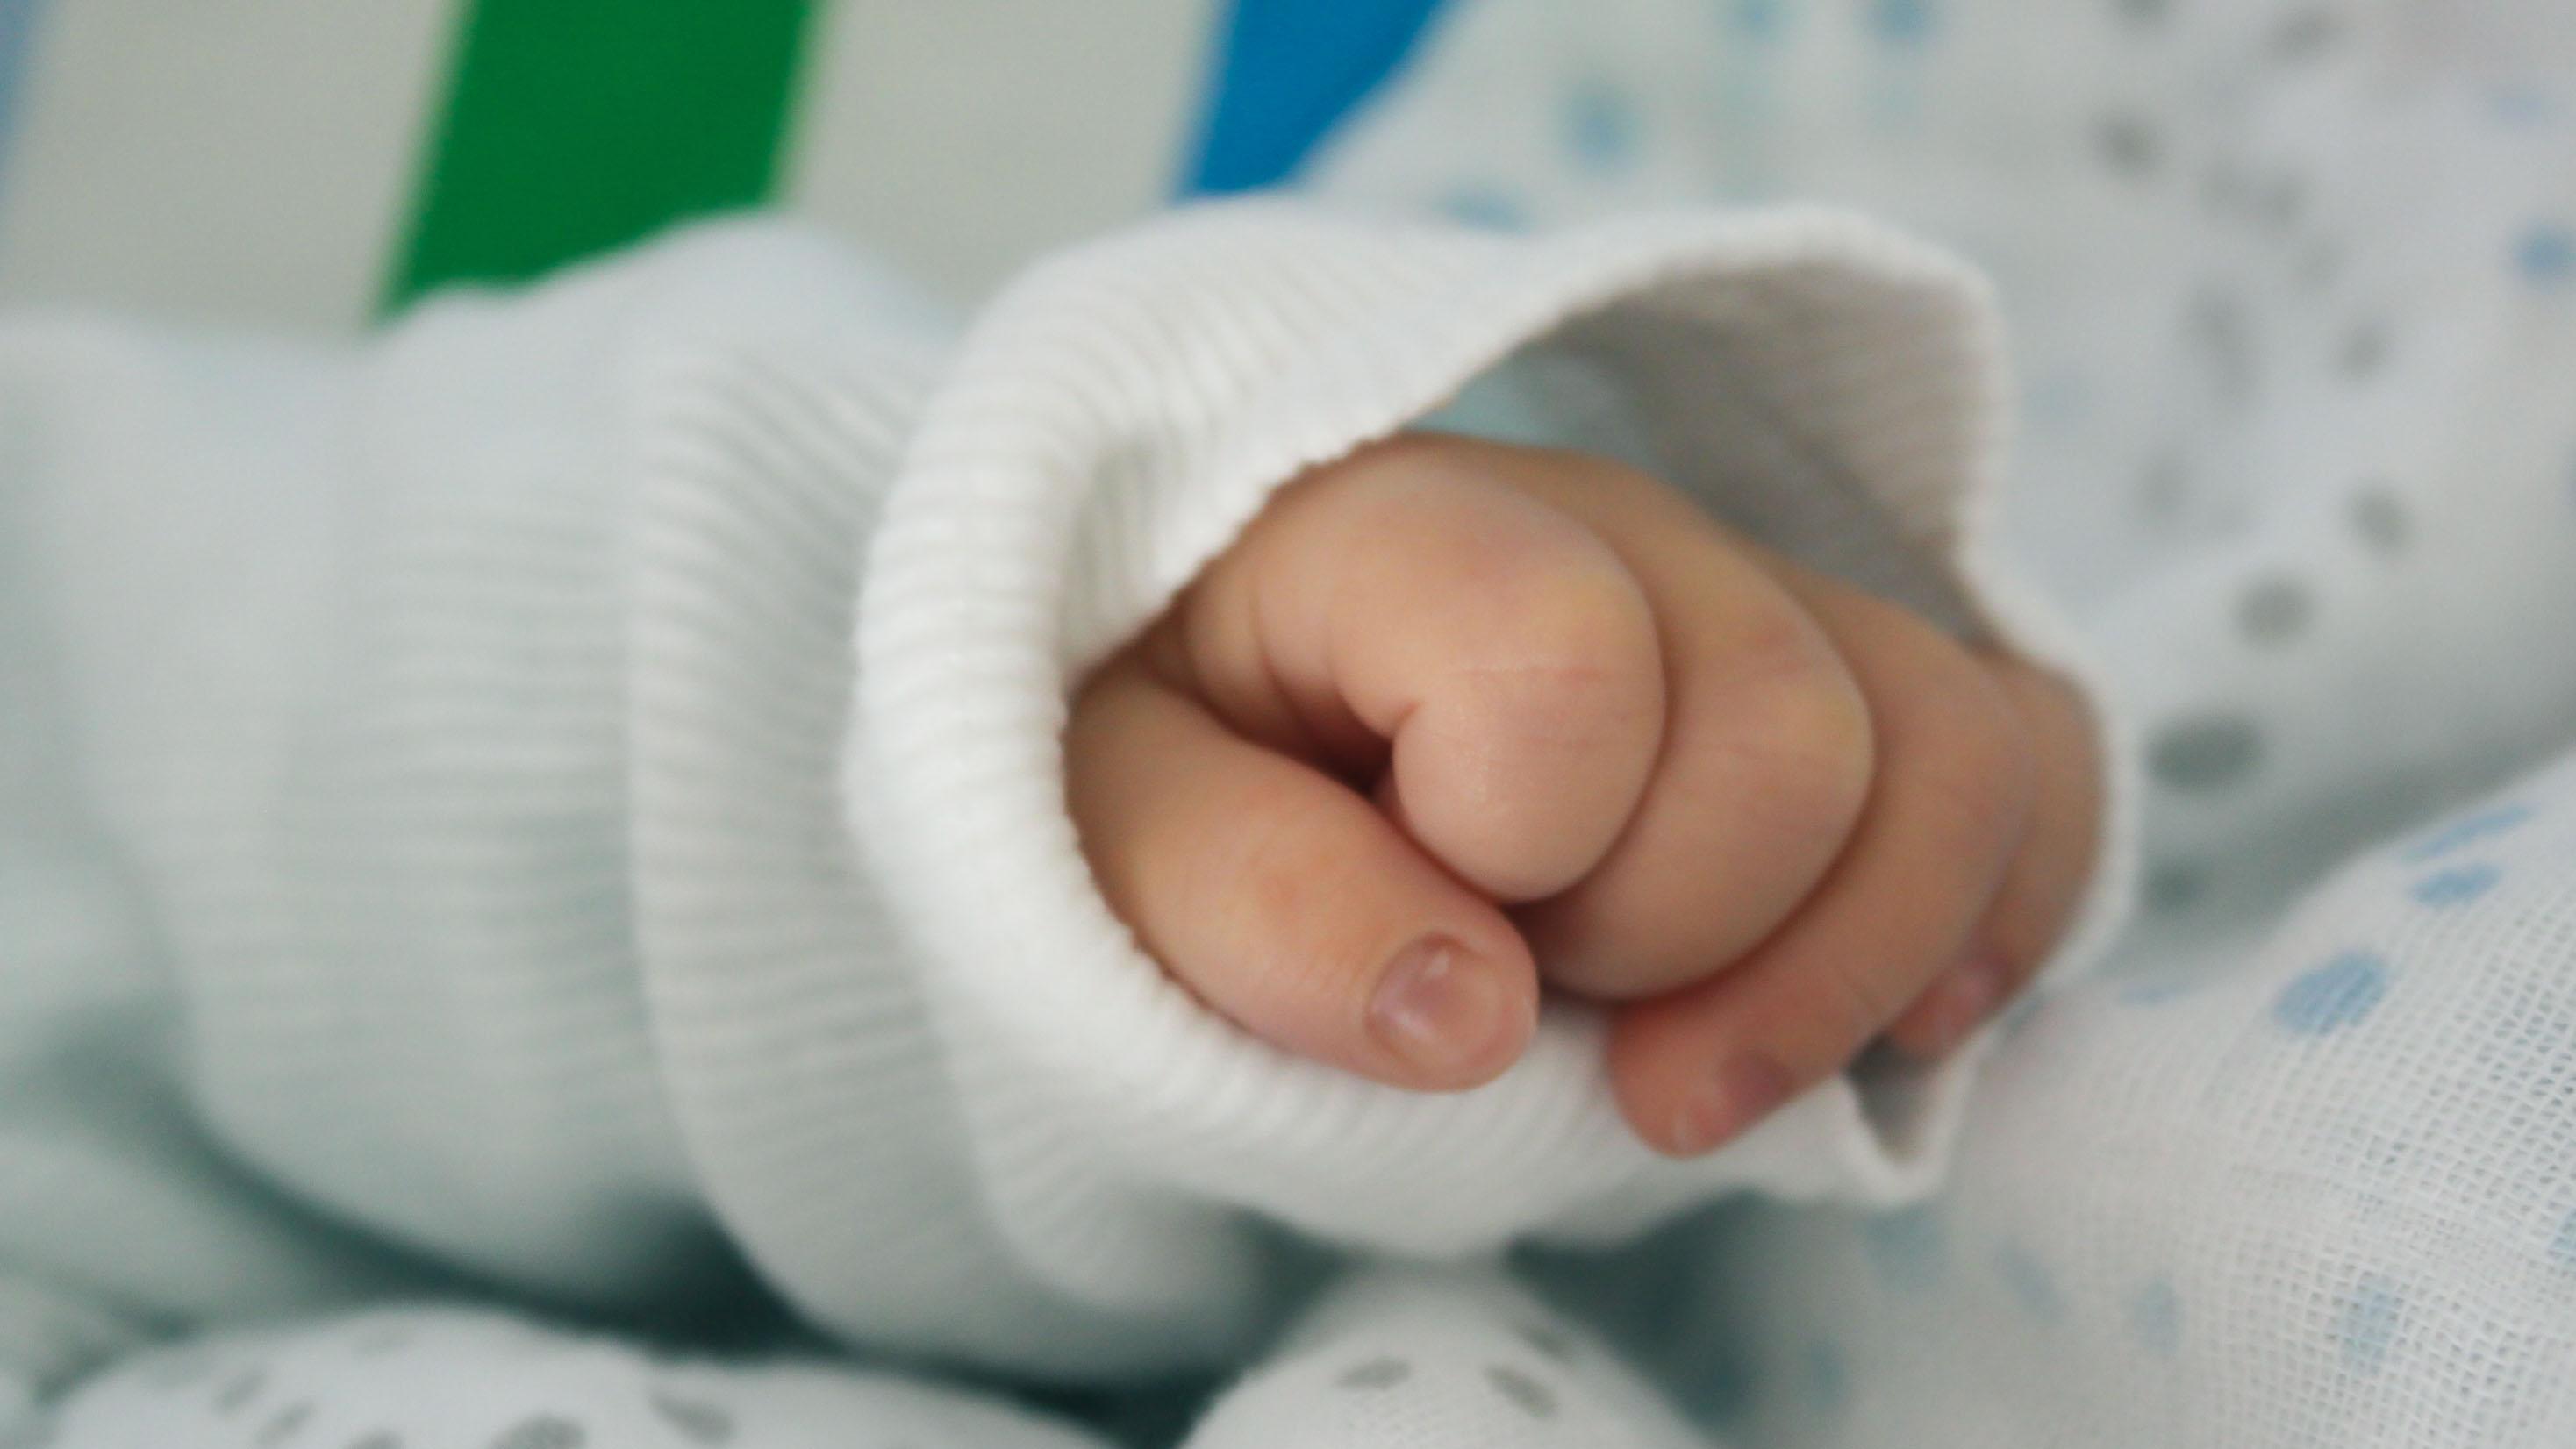 Sprüche zur Geburt sind eine schöne Möglichkeit, ein Neugeborenes zu begrüßen